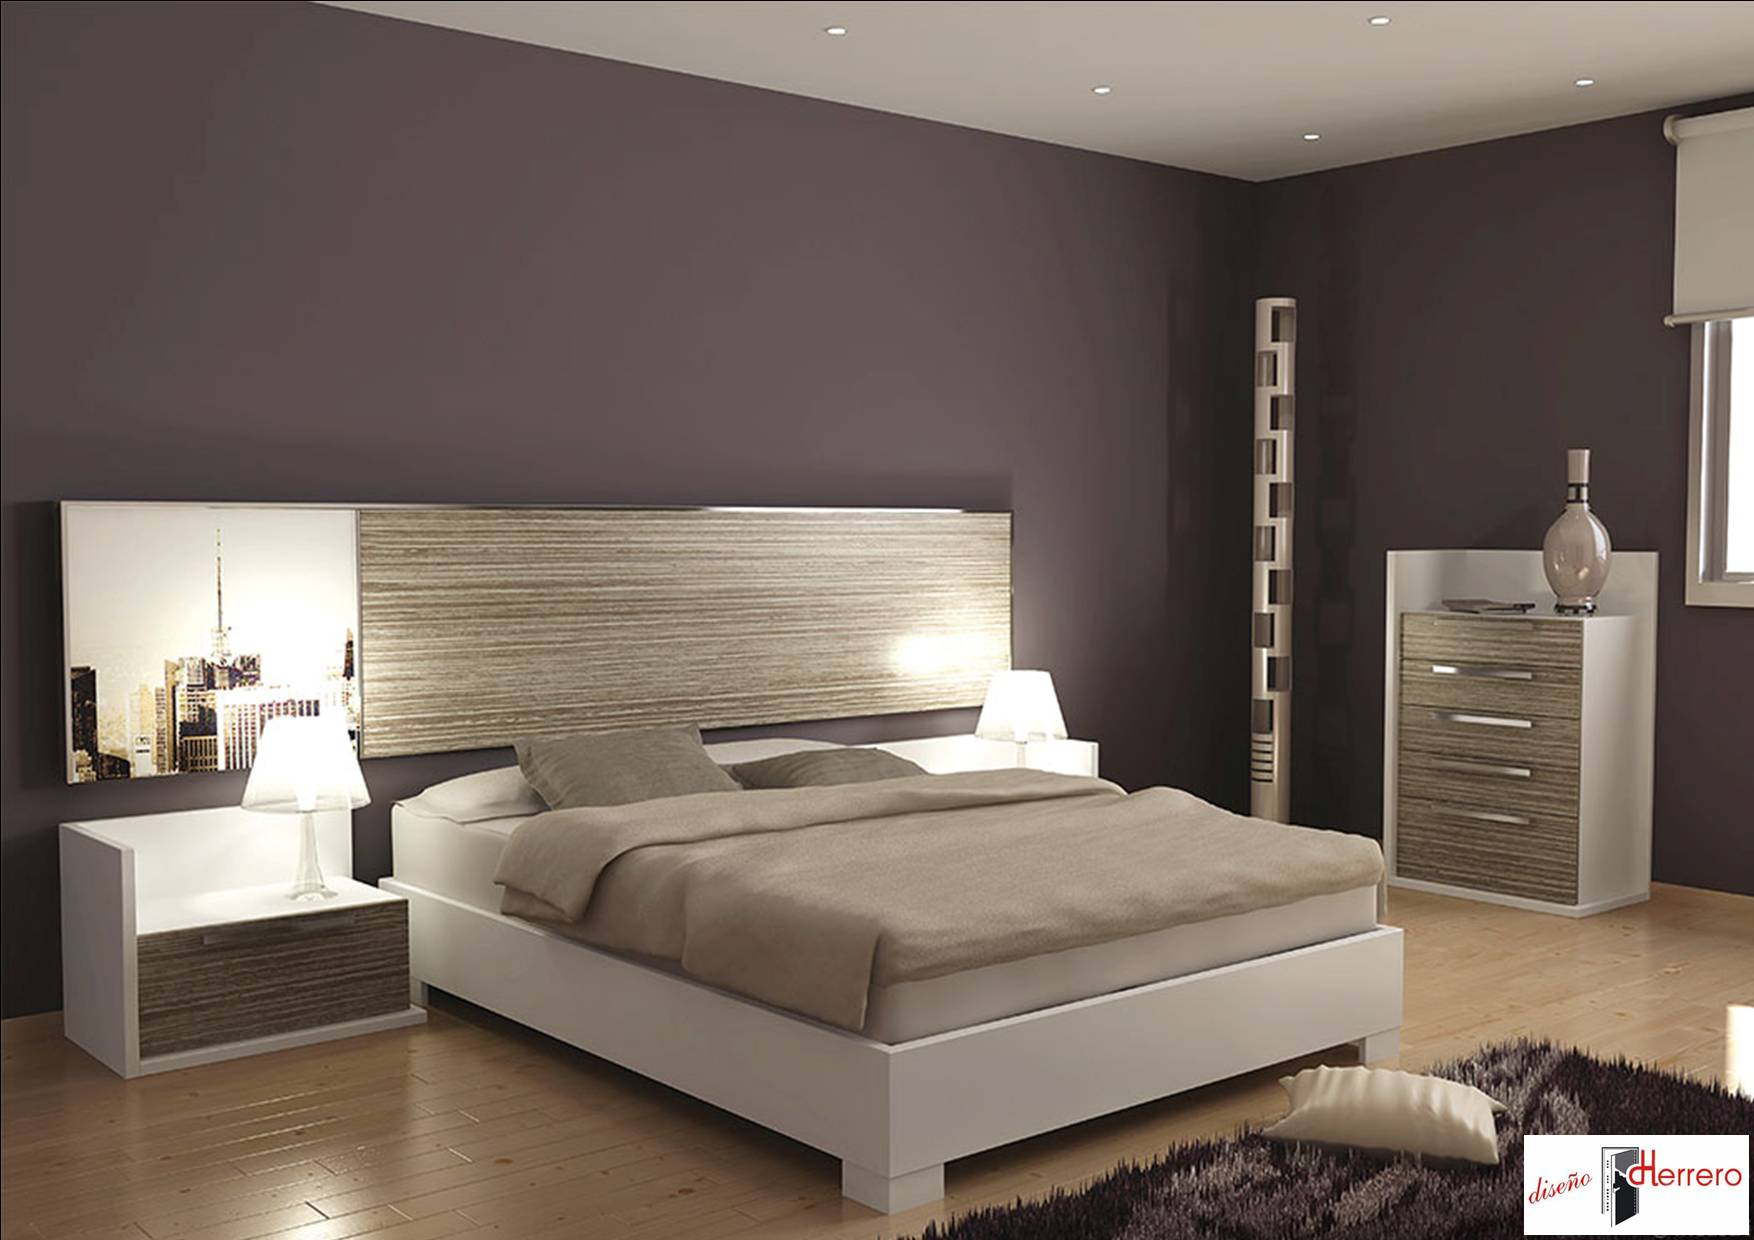 Desconectar y relajar c mo ser m s feliz en el - Imagenes para dormitorios ...